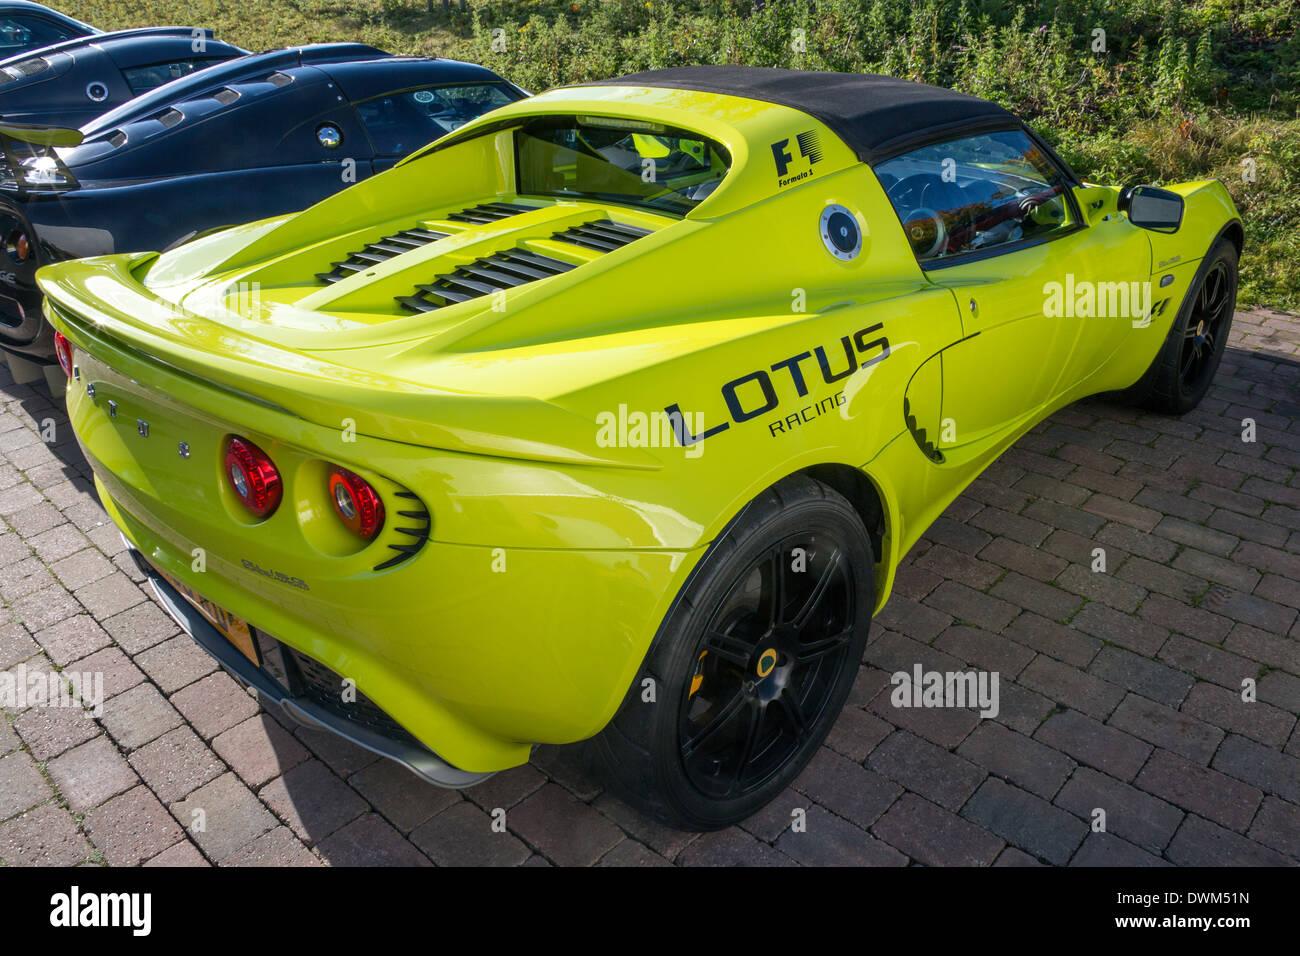 Lotus Elise - Stock Image